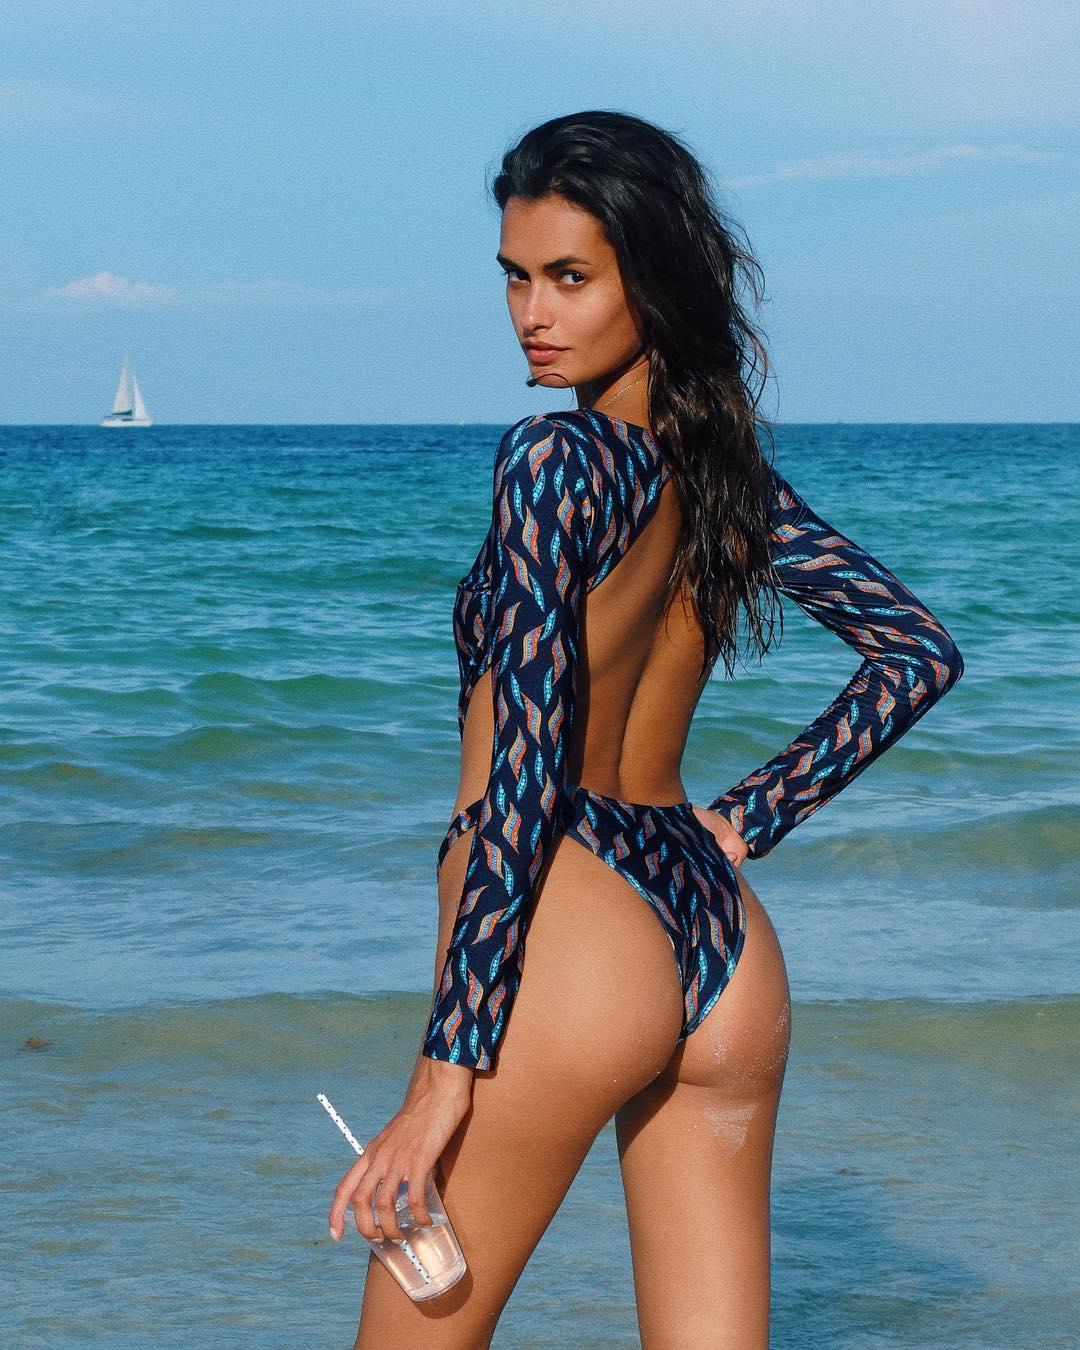 Paparazzi Maggie Duran nudes (17 foto and video), Pussy, Bikini, Feet, in bikini 2019